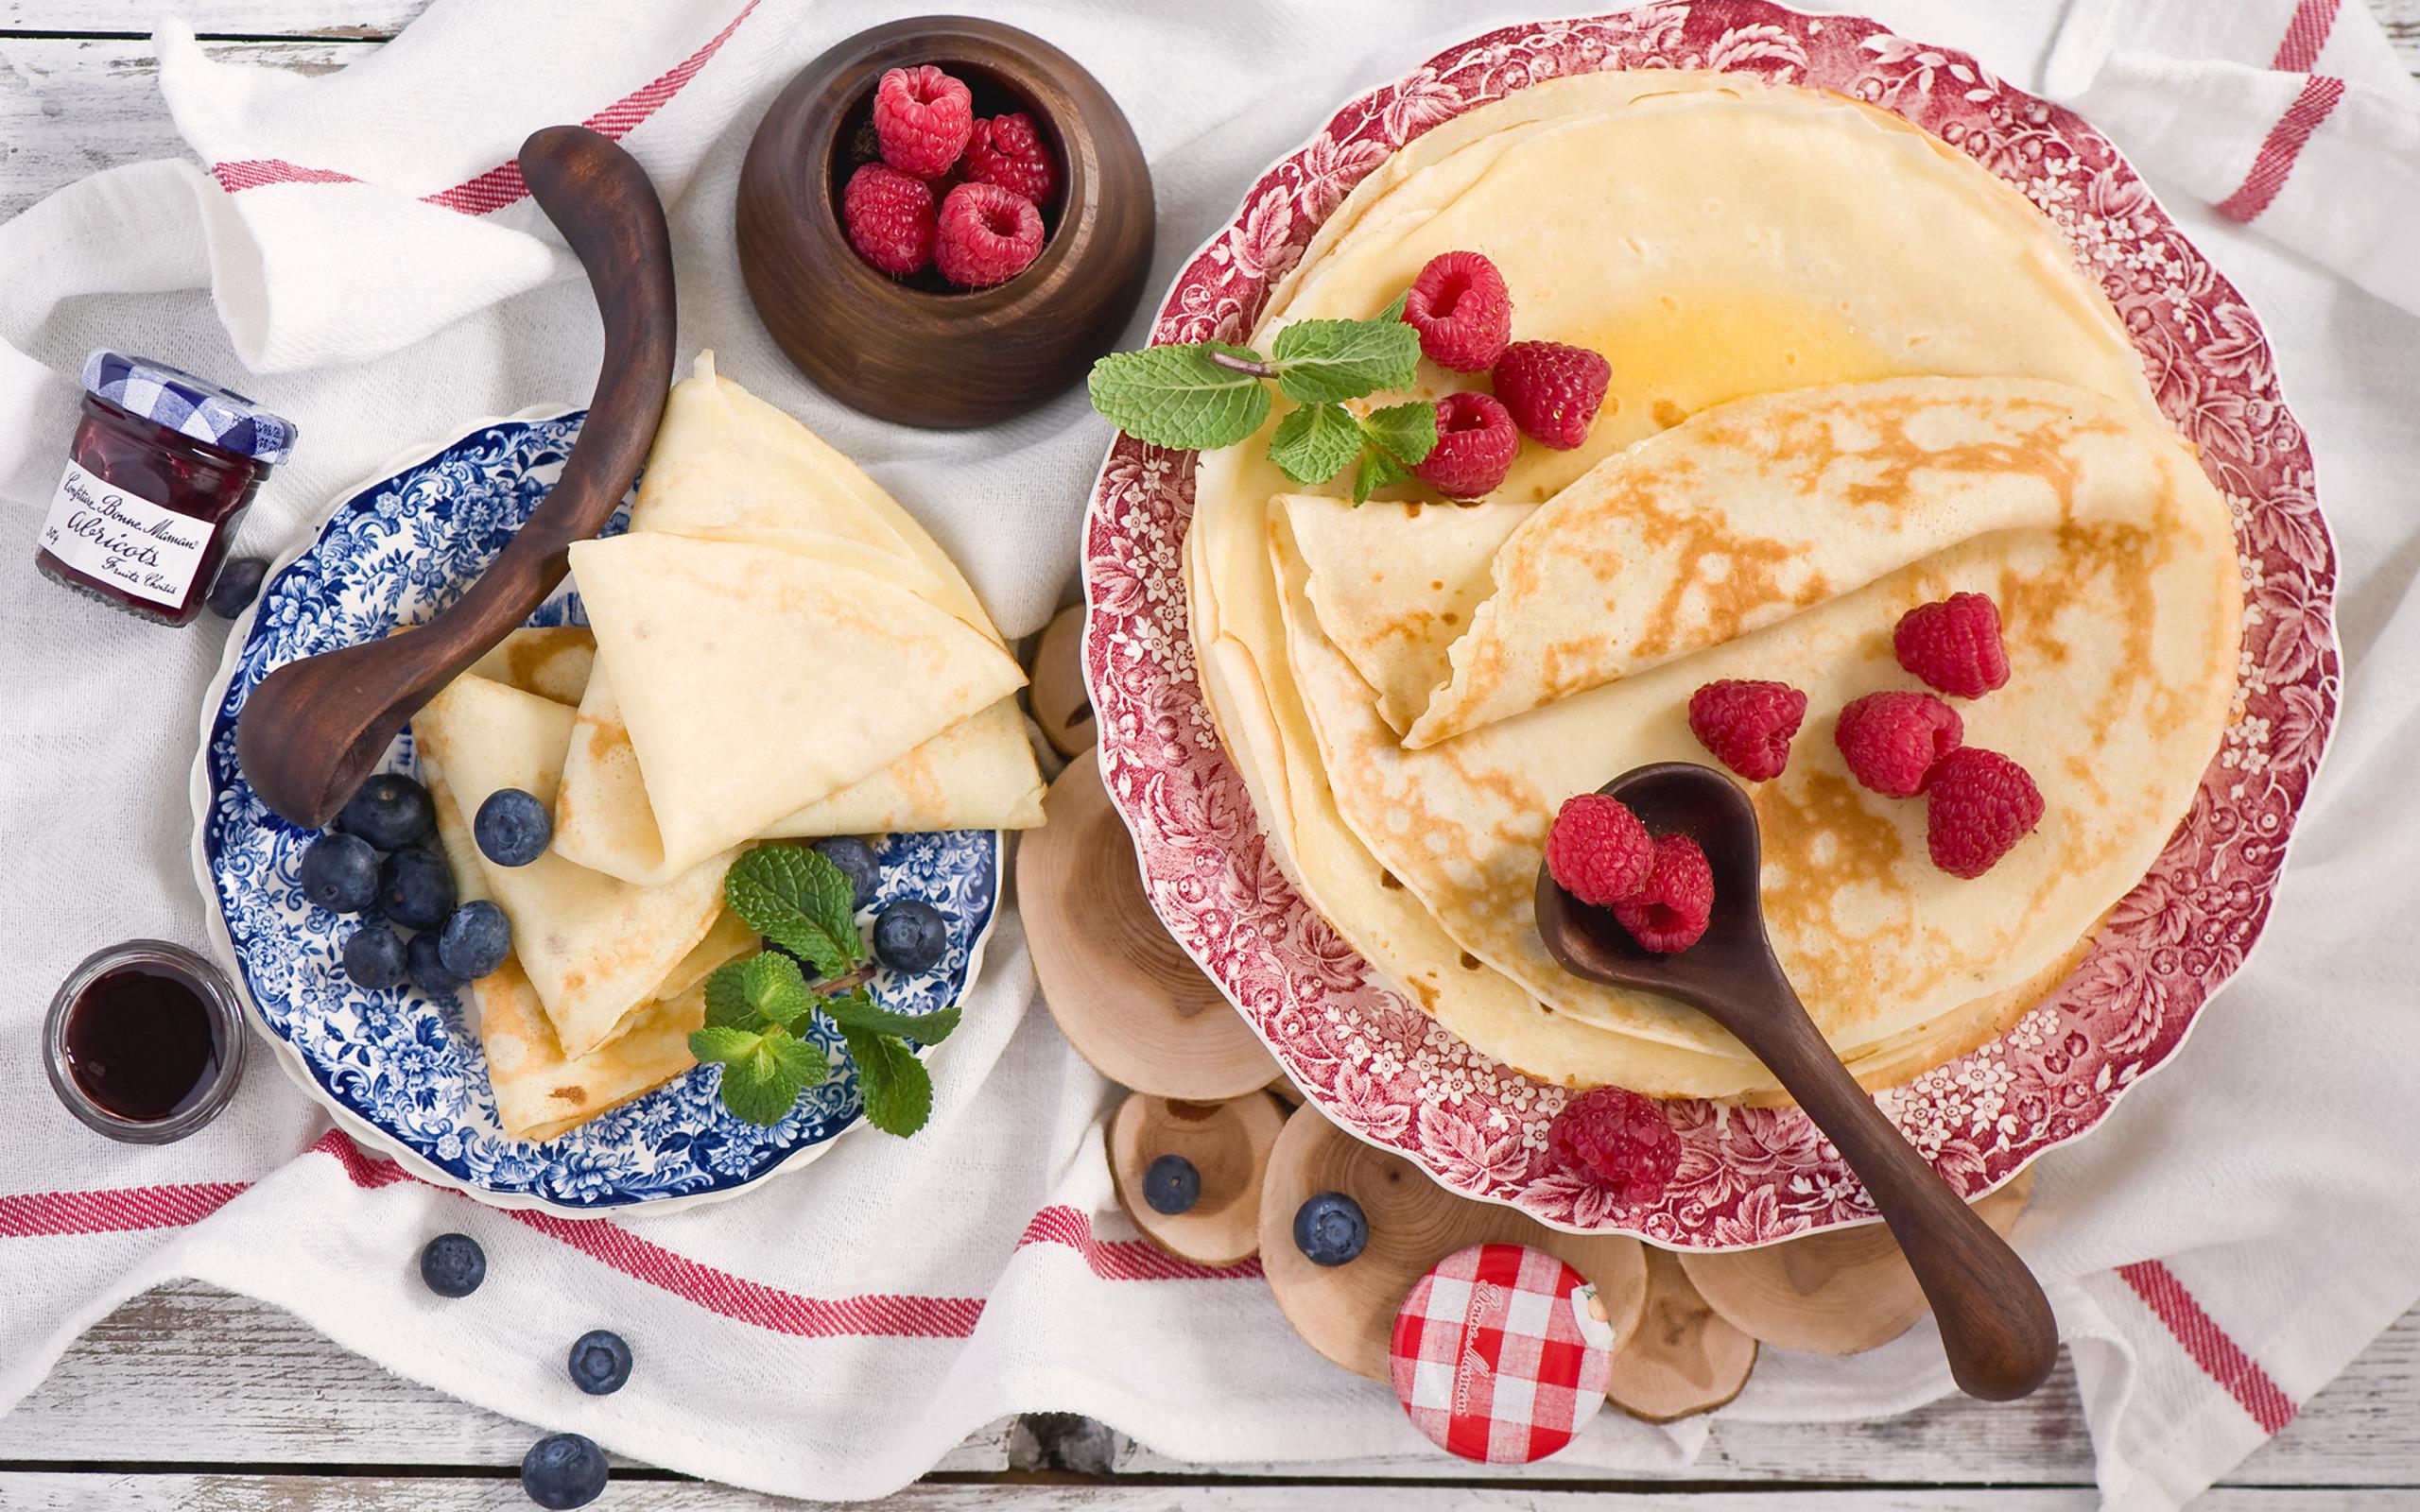 pancakes-photography-hd-wallpaper-2560x1600-8678